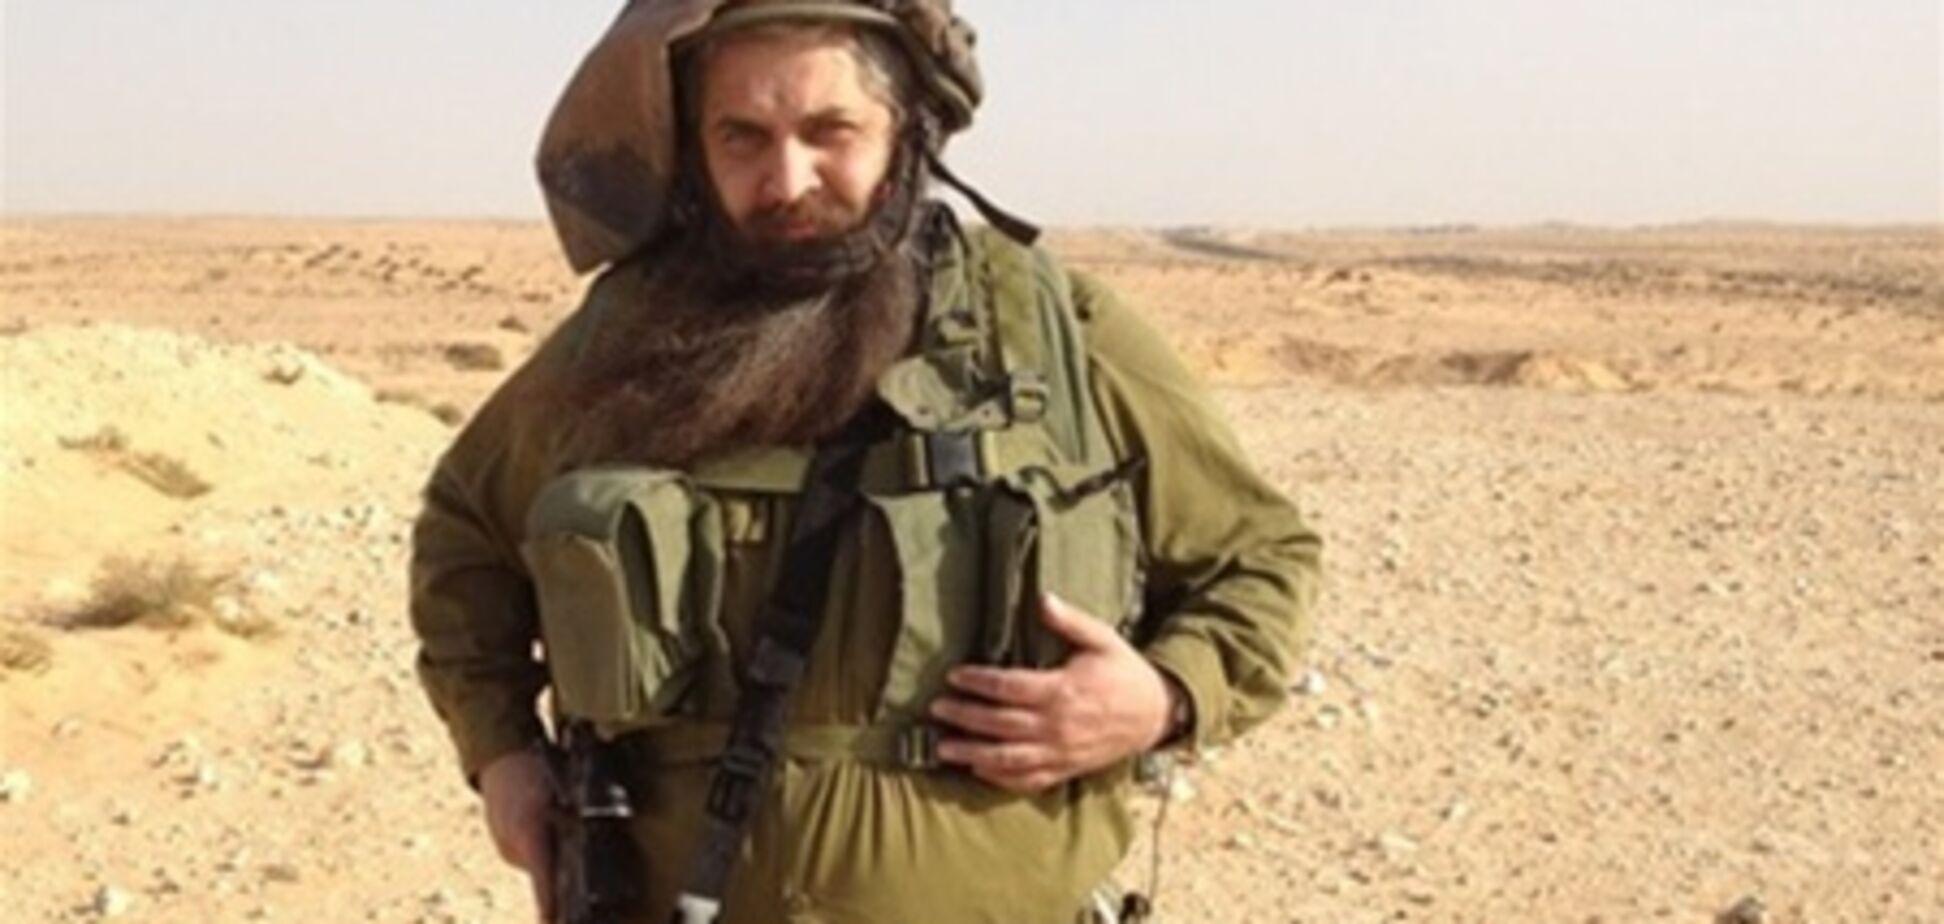 Спецназ Израиля летит в Киев укреплять связи с диаспорой